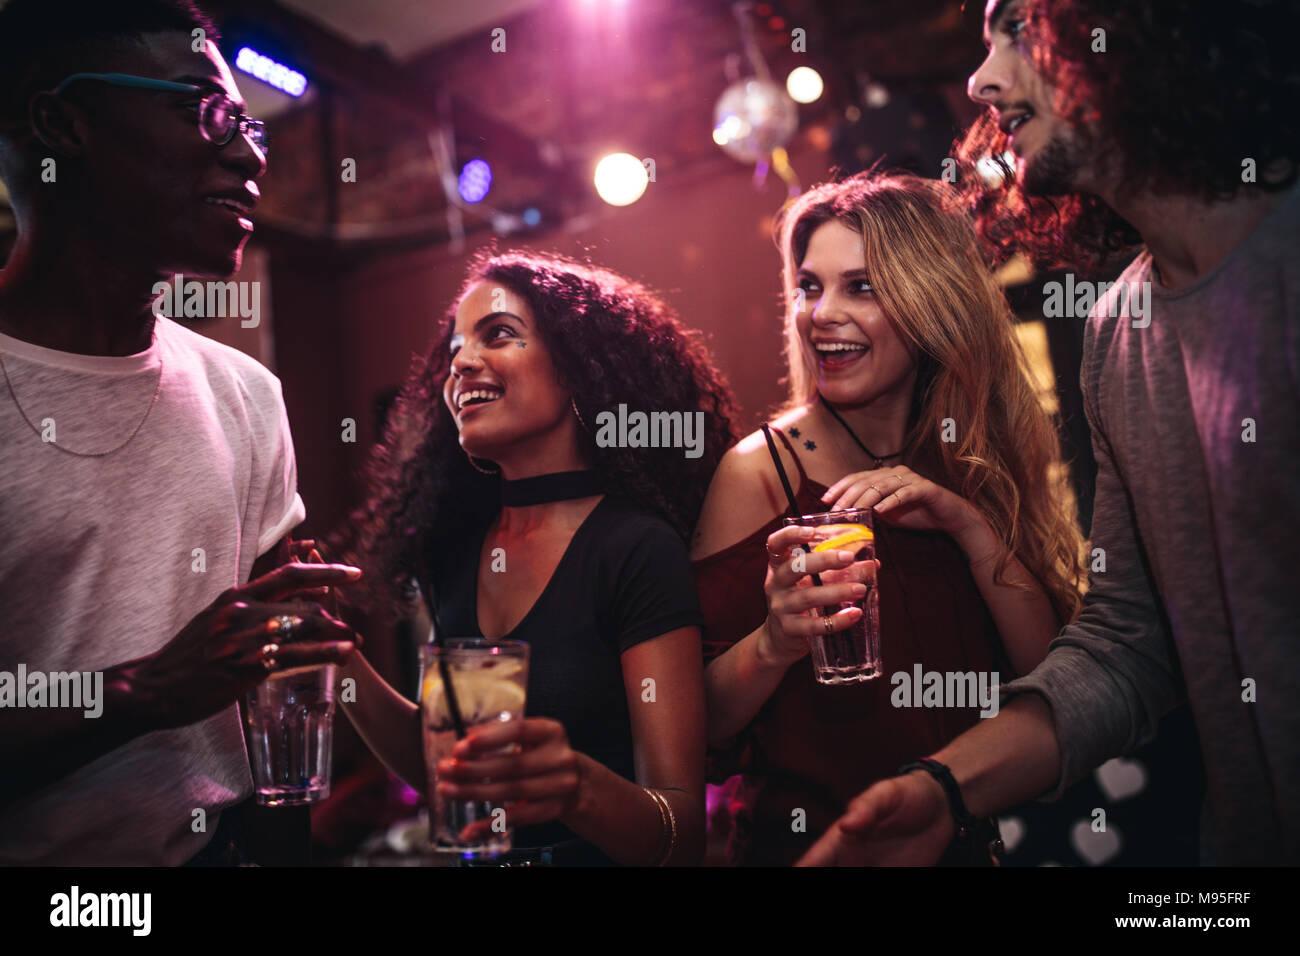 Vielfältige Gruppe von jungen Menschen mit Getränken in einem Club. Glückliche Männer und Frauen genießen nightout an der Bar. Stockbild